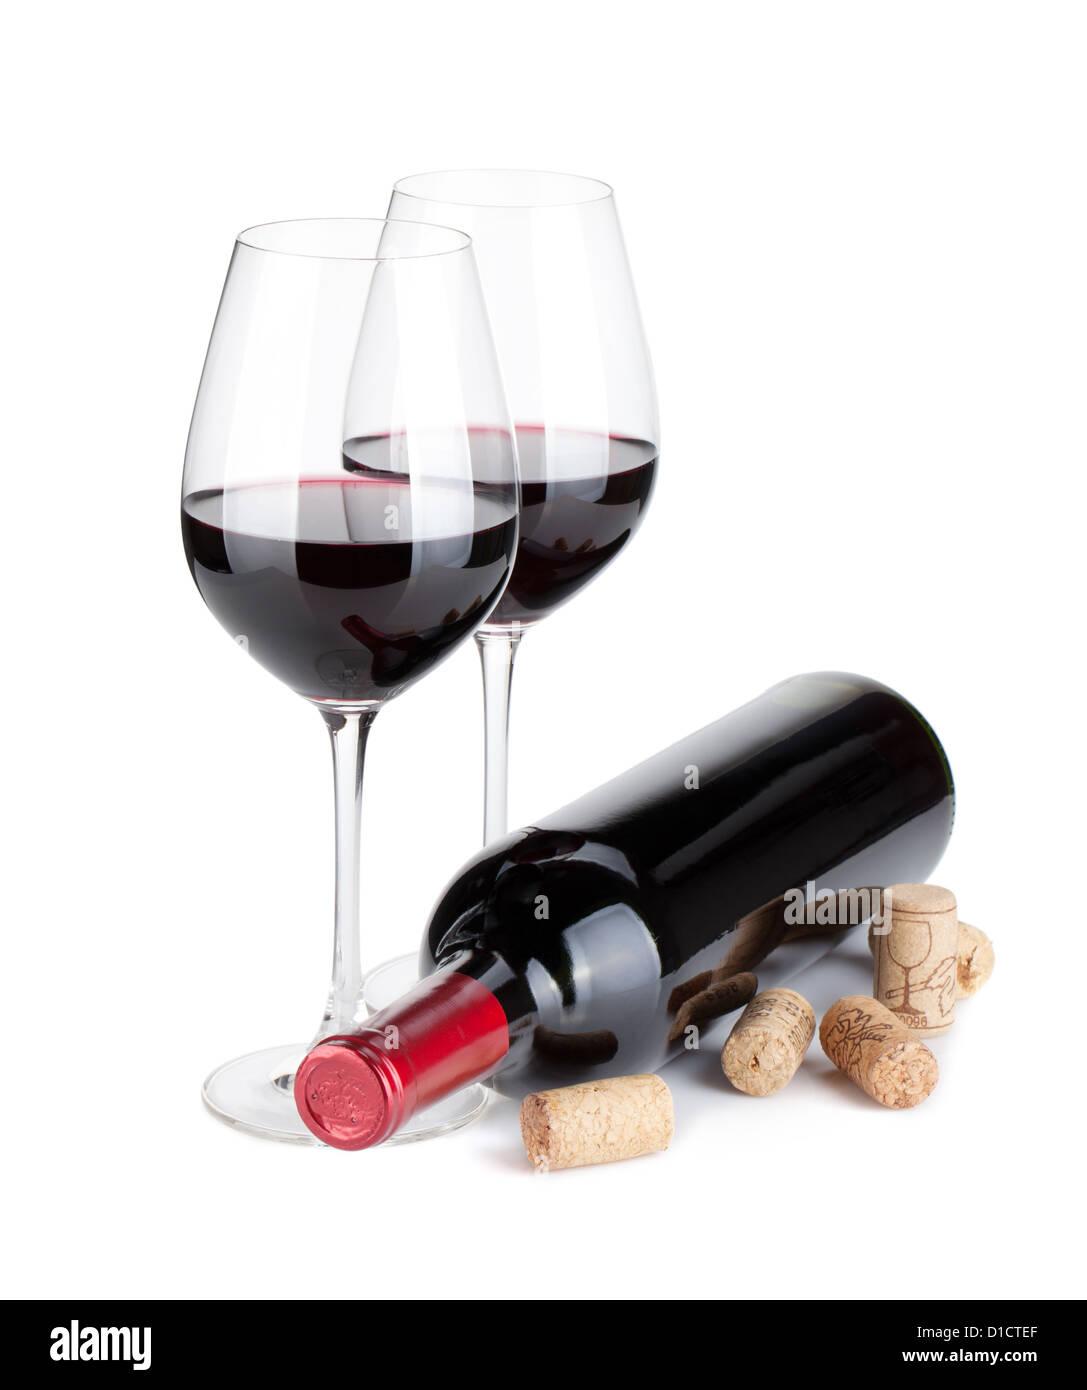 93e232ac53497e Red wine glasses